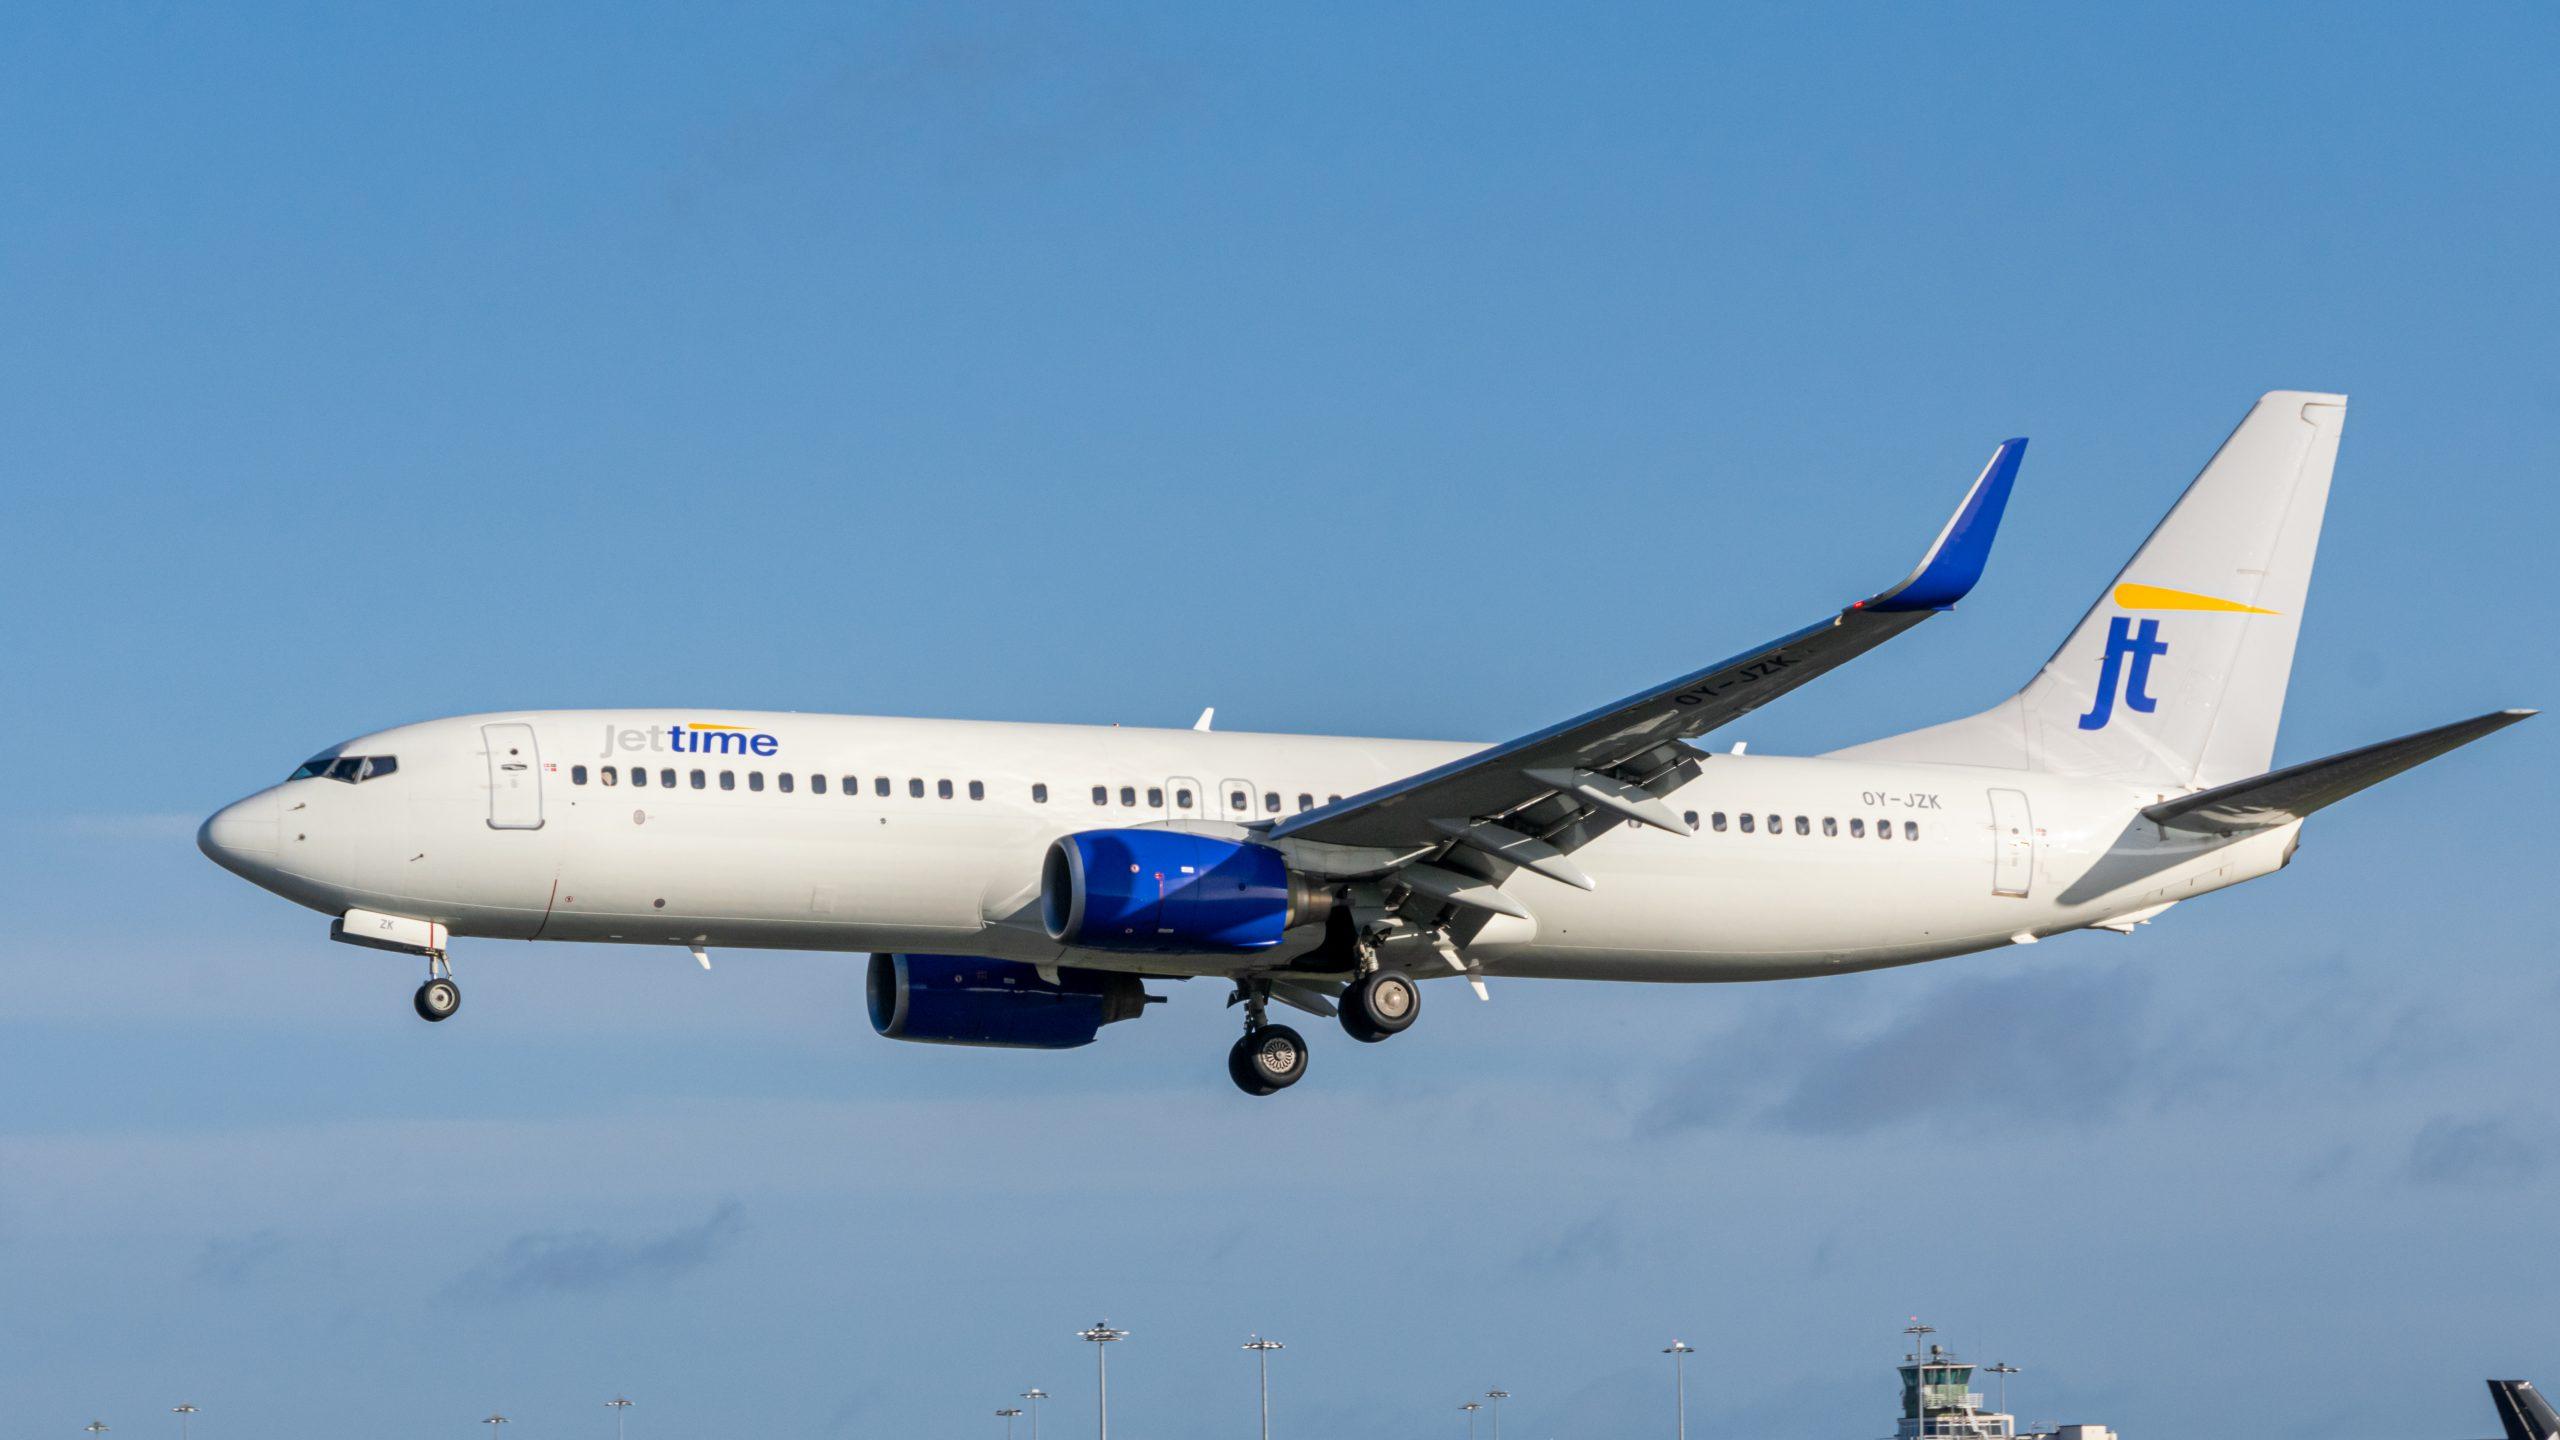 Boeing 737-800 fra Jettime. (Foto: Dux Croatorum | Shutterstock)